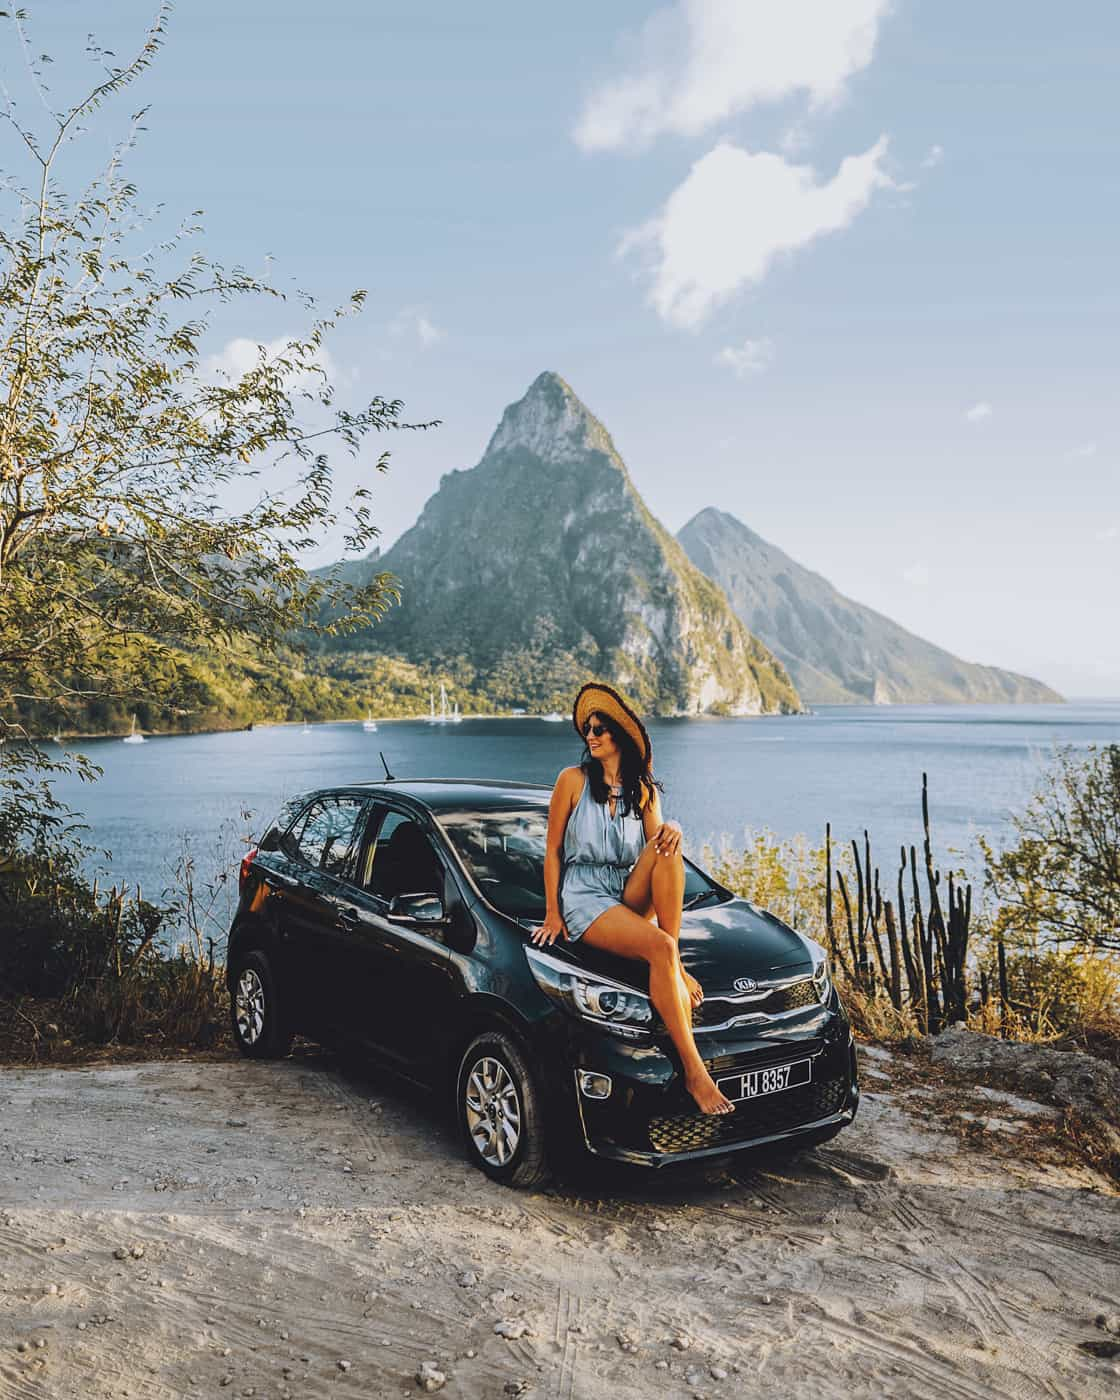 Saint Lucia - Tipps, Sehenswürdigkeiten, Strände & Ausflugsziele auf der Karibik-Insel: Mietwagen